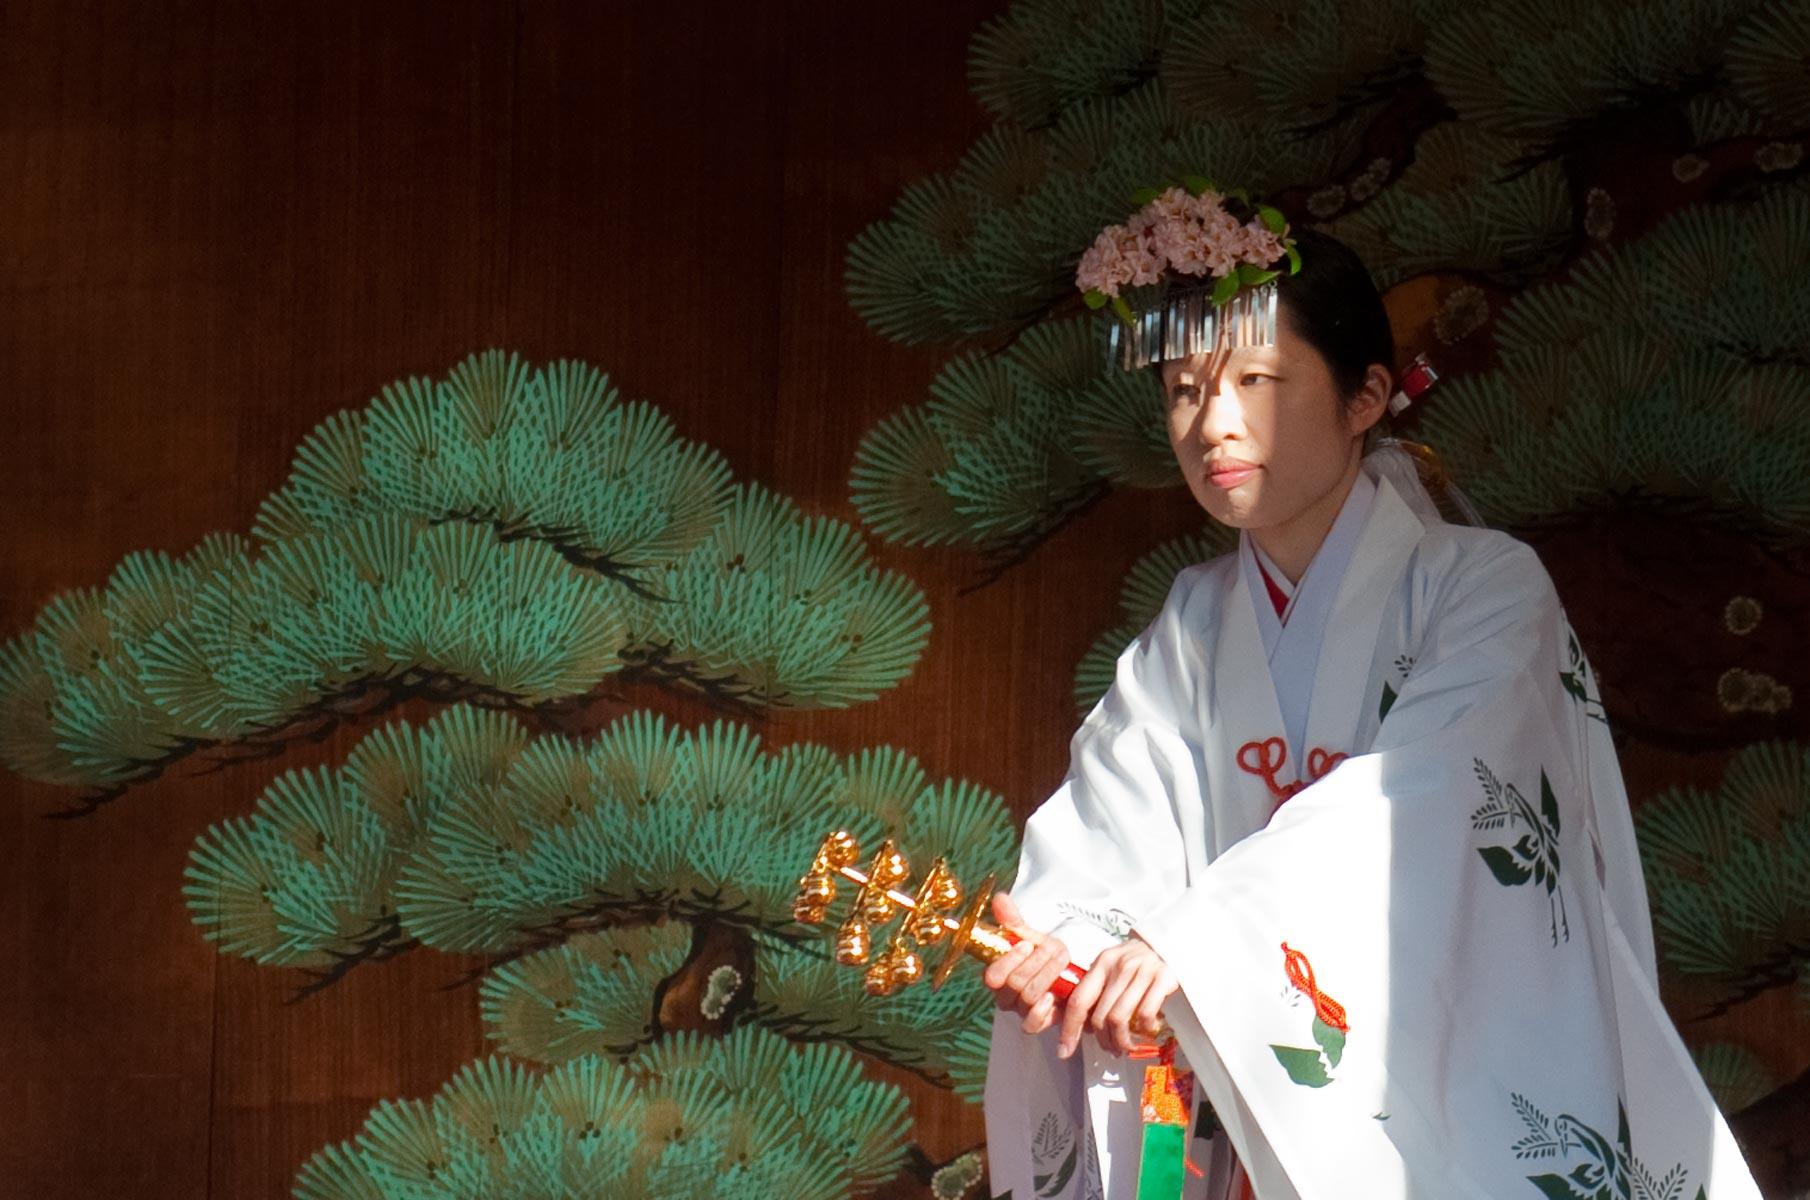 Setsubun am Sensoji Tempel in Tokyo, Japan